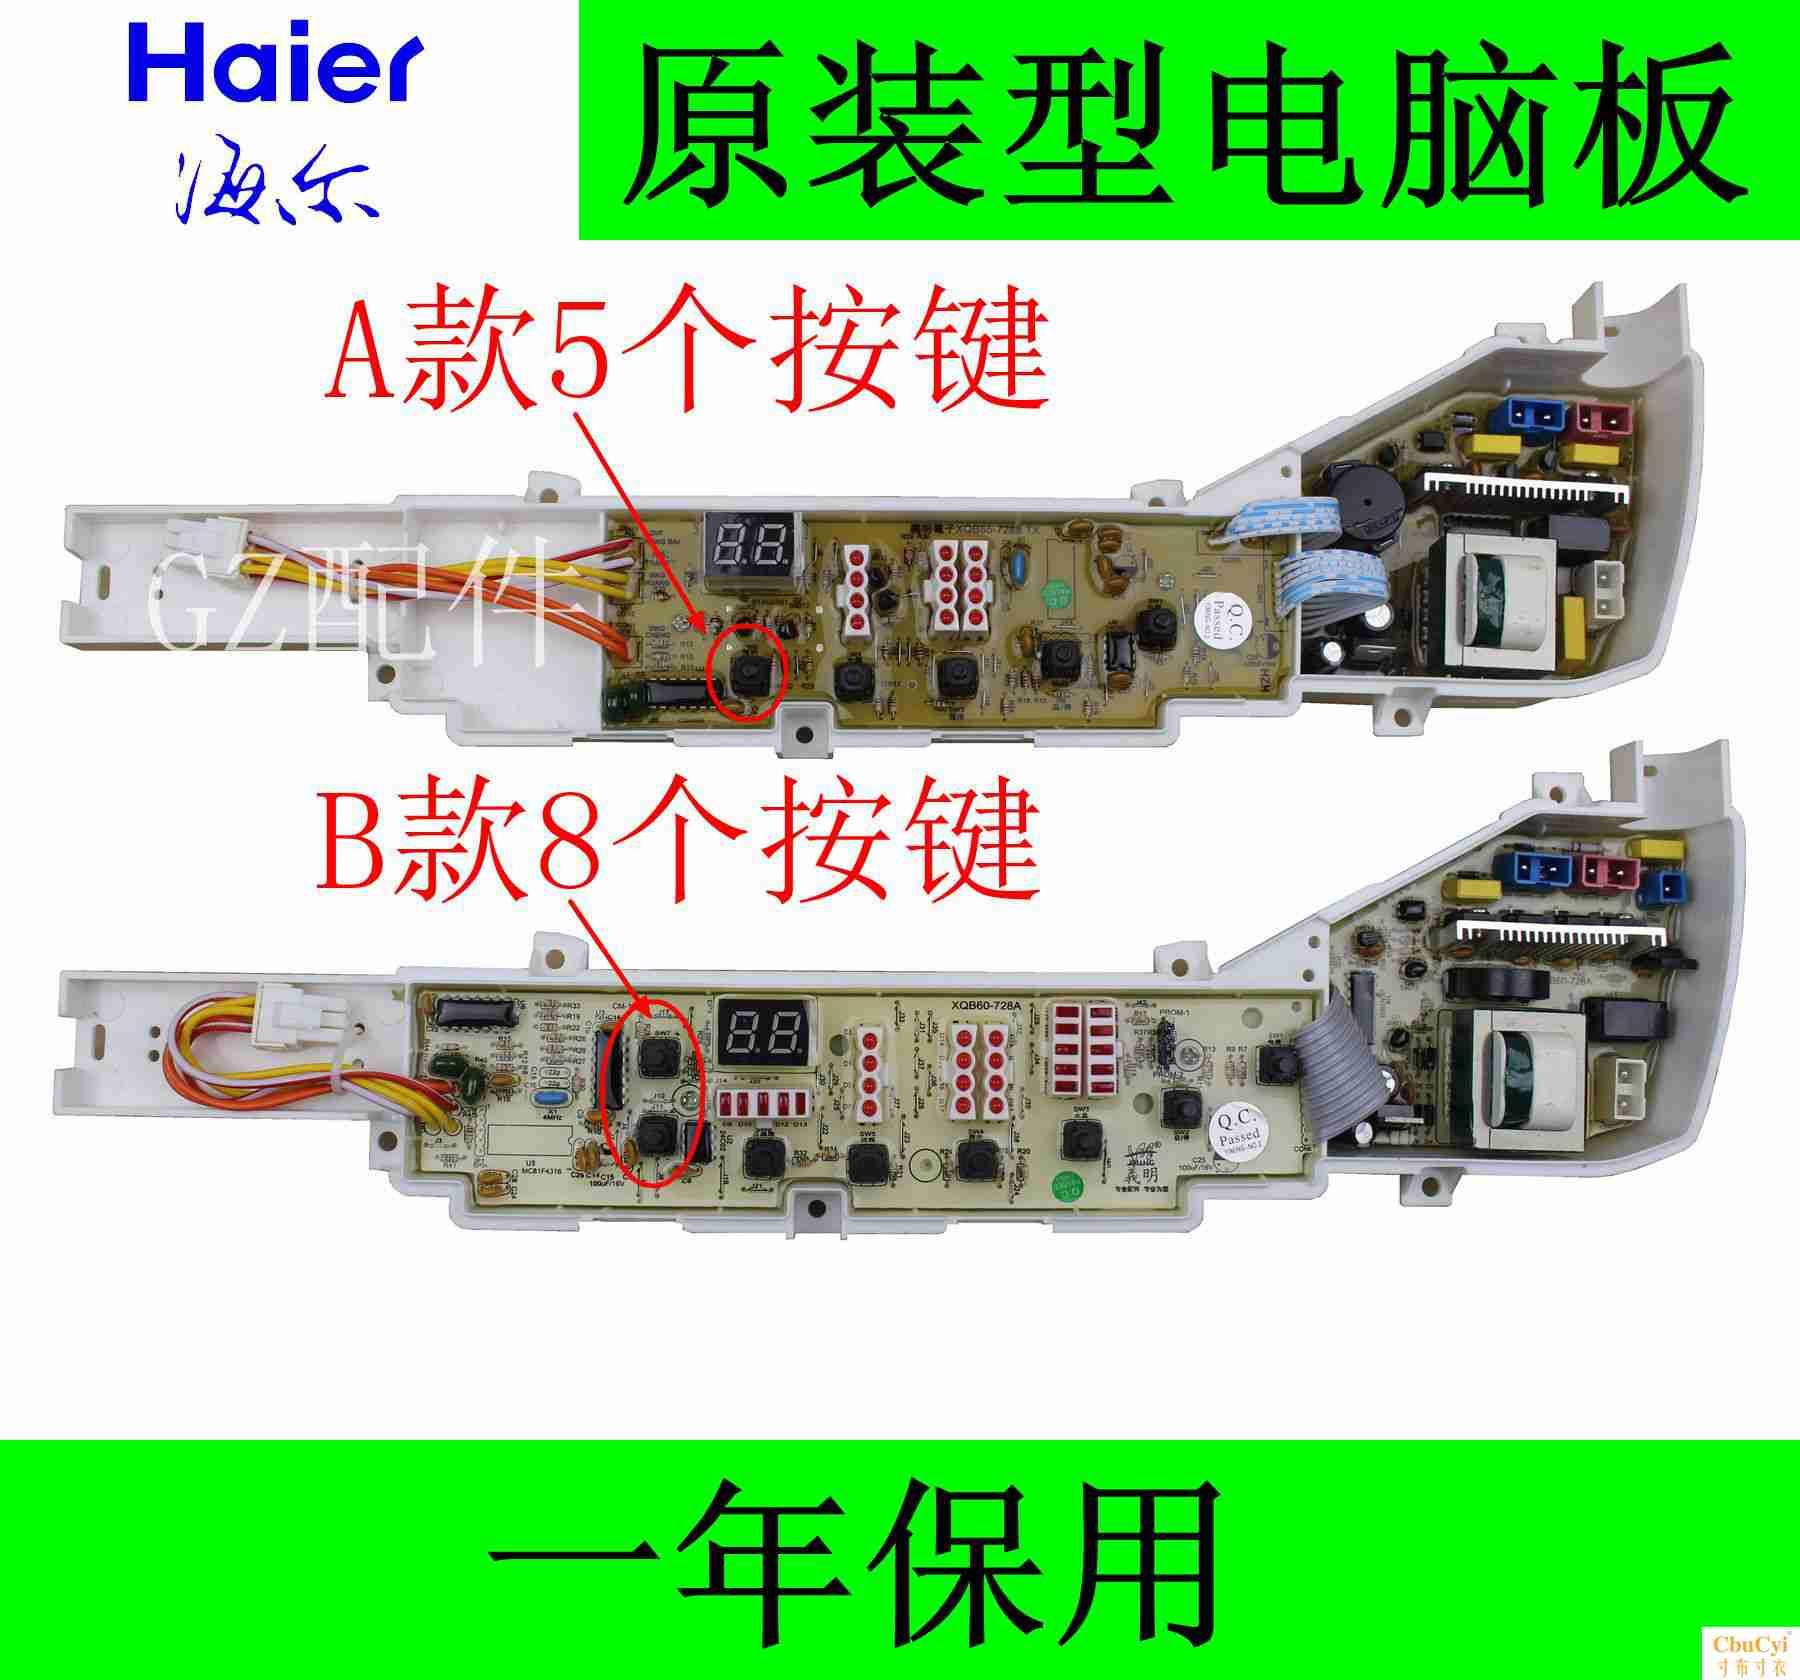 液晶电视机换屏更换原装电视机各大品牌屏幕及其他大家电配件